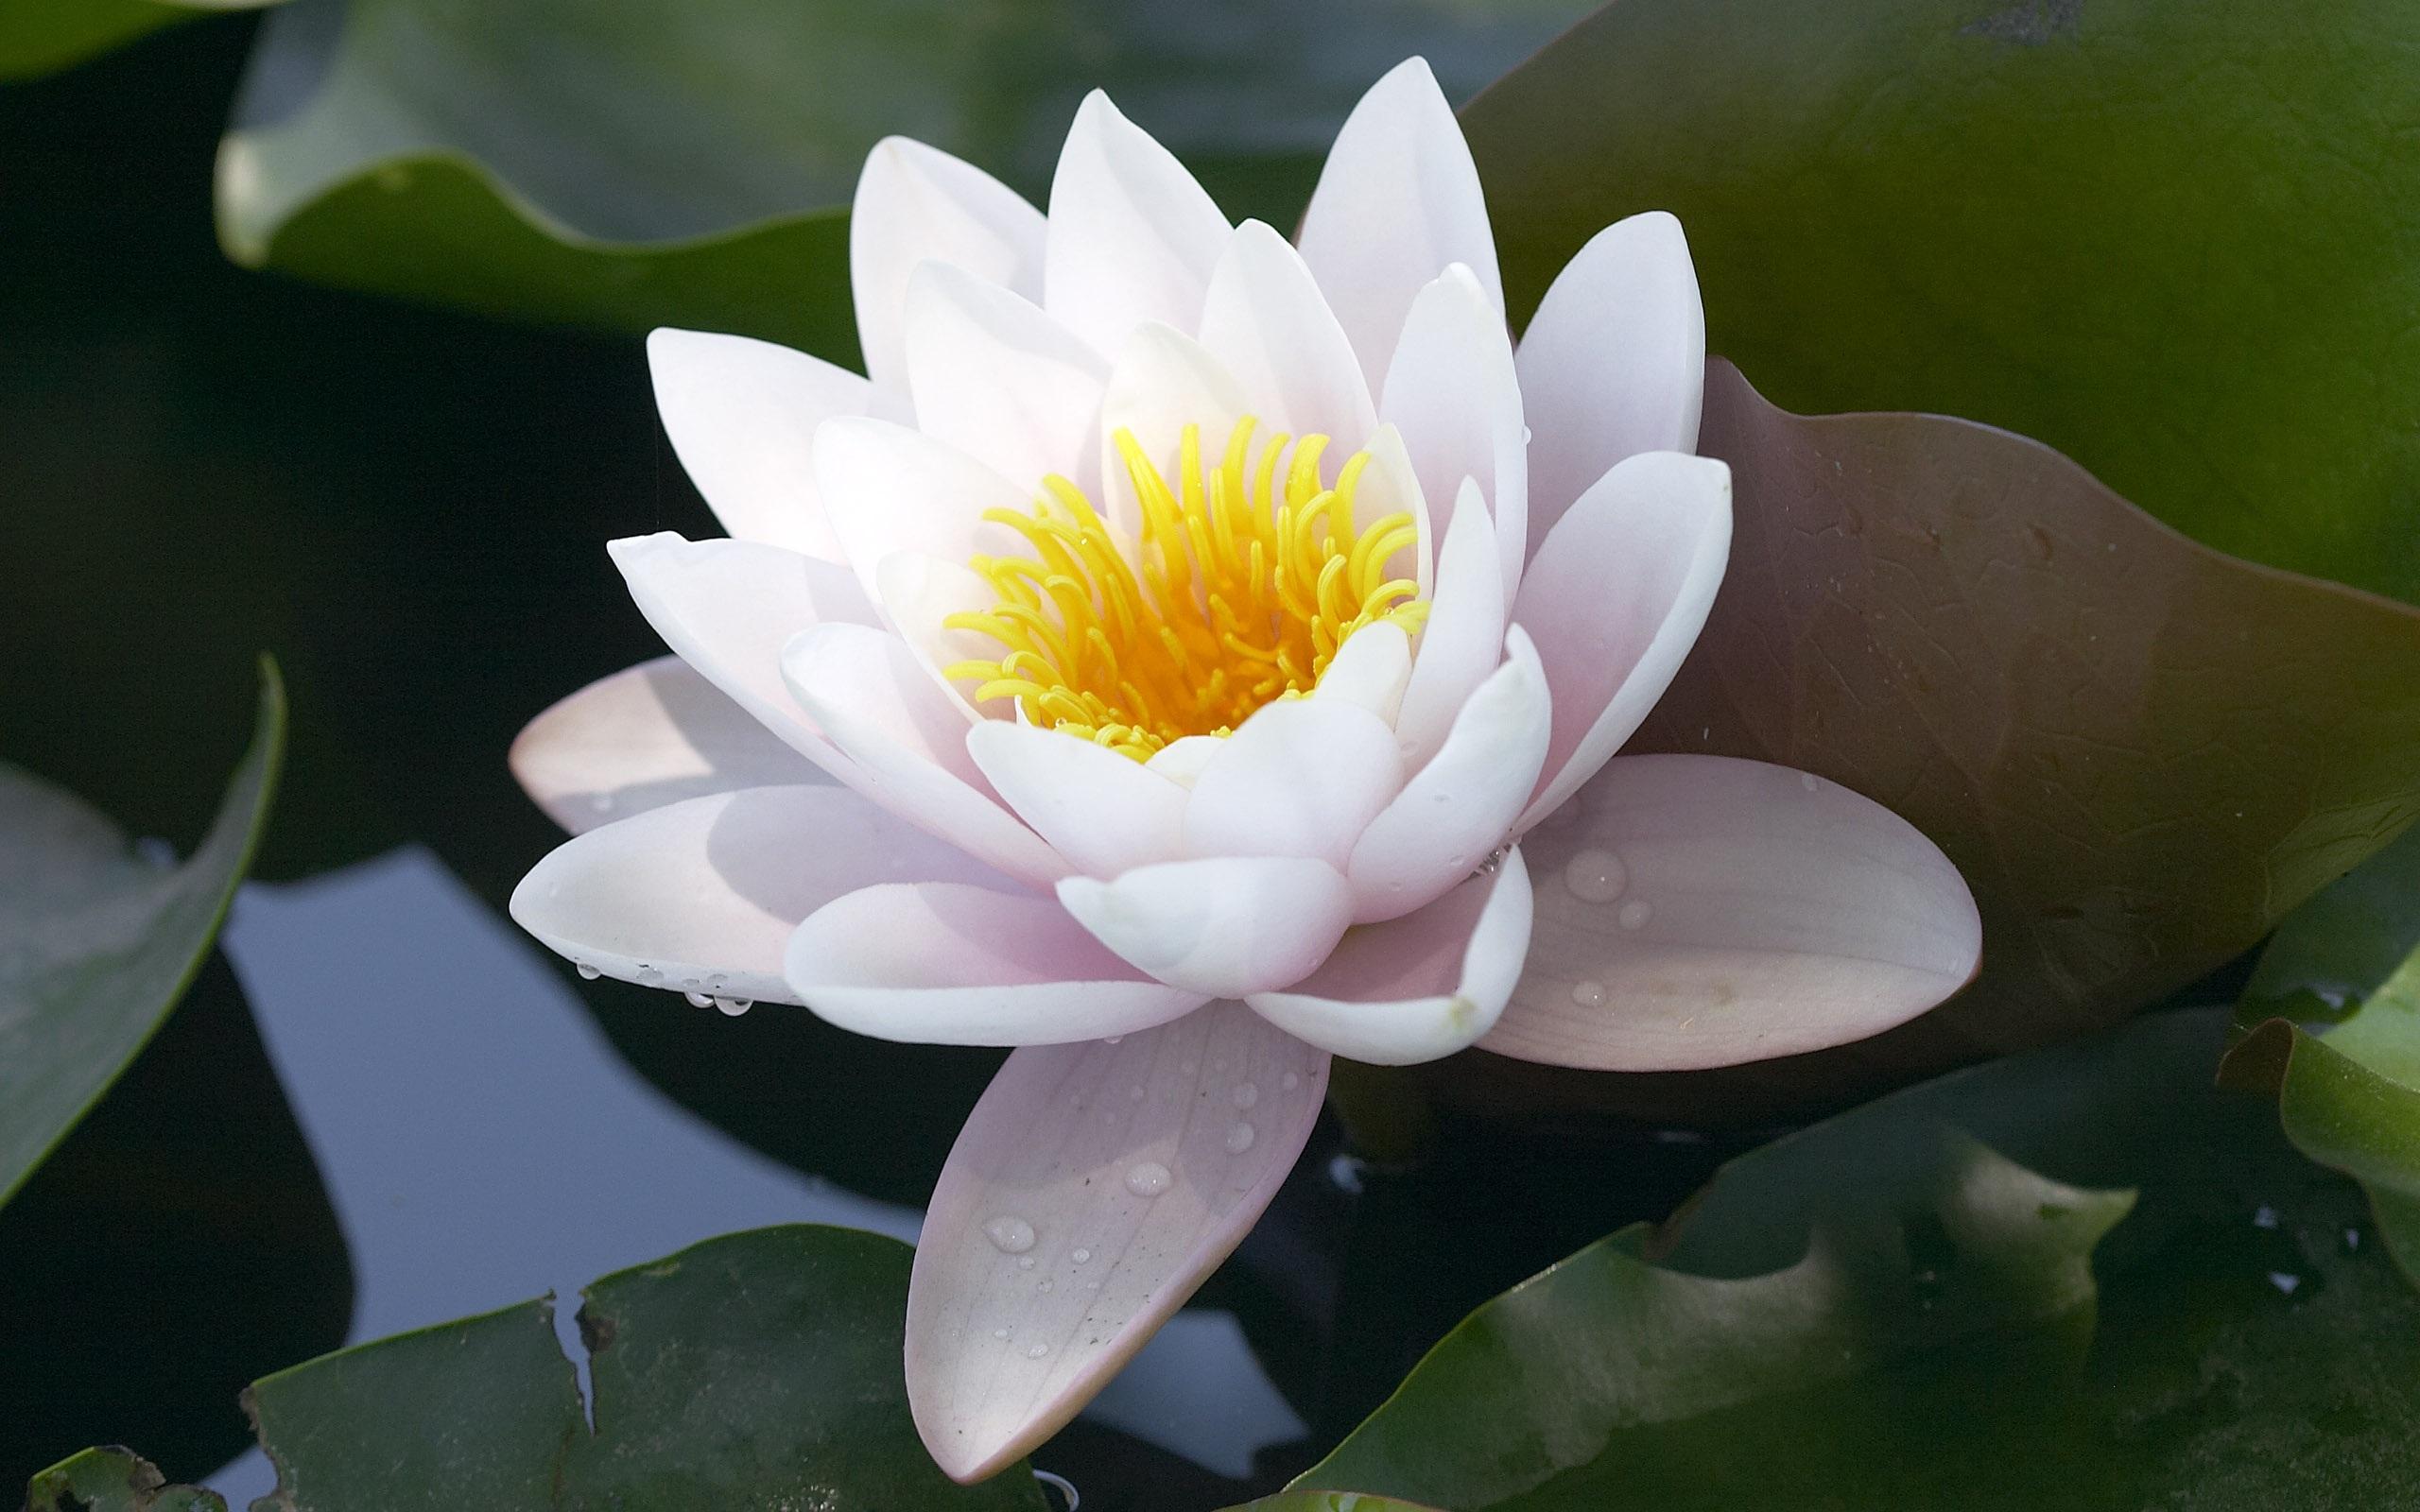 2560x1600 hd - Fleur de lotus symbole ...